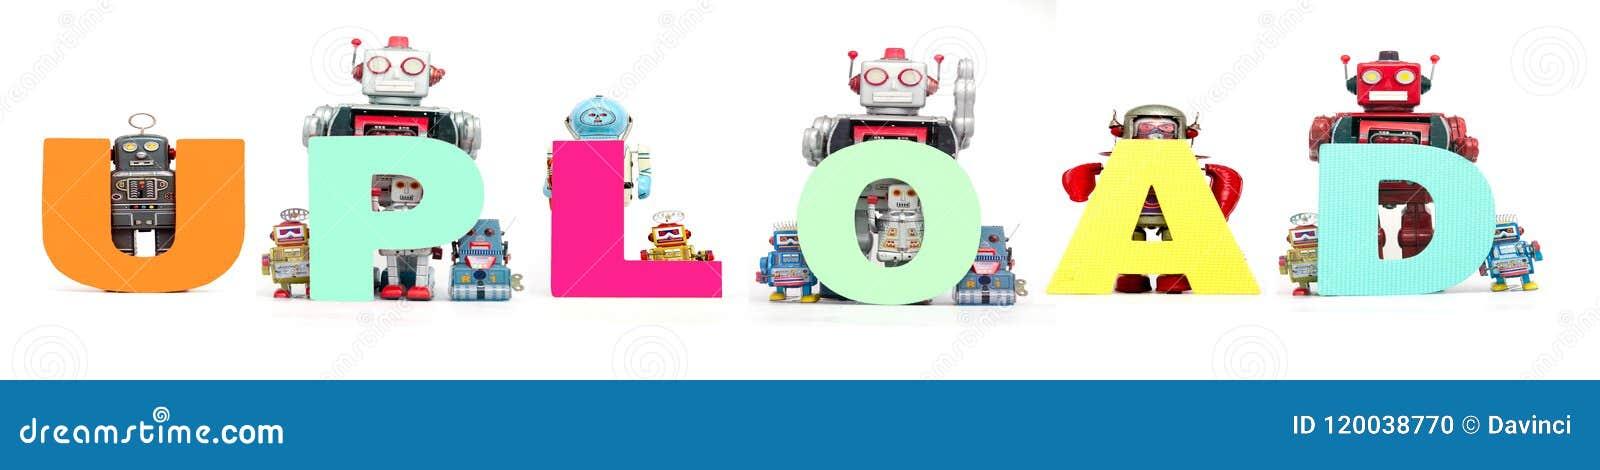 Retro blaszane robot zabawki podtrzymywali słowo odizolowywający o UPLOAD